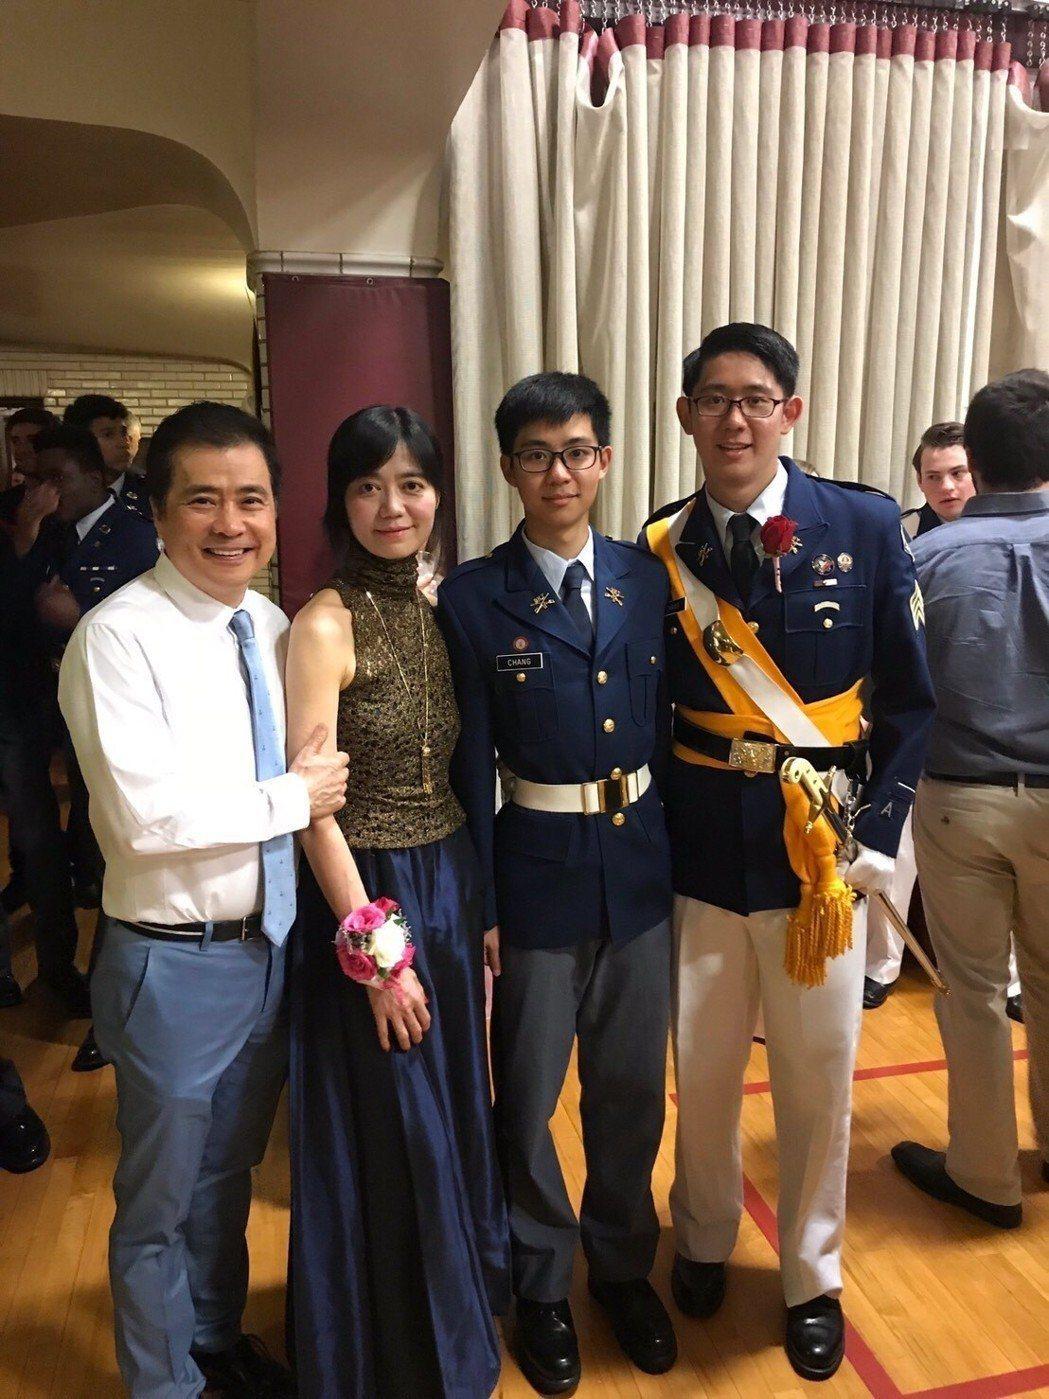 張榮華(左起)和老婆蘇麗媚及小兒子曾一起參加大兒子軍校畢業典禮。圖/夢田文創提供